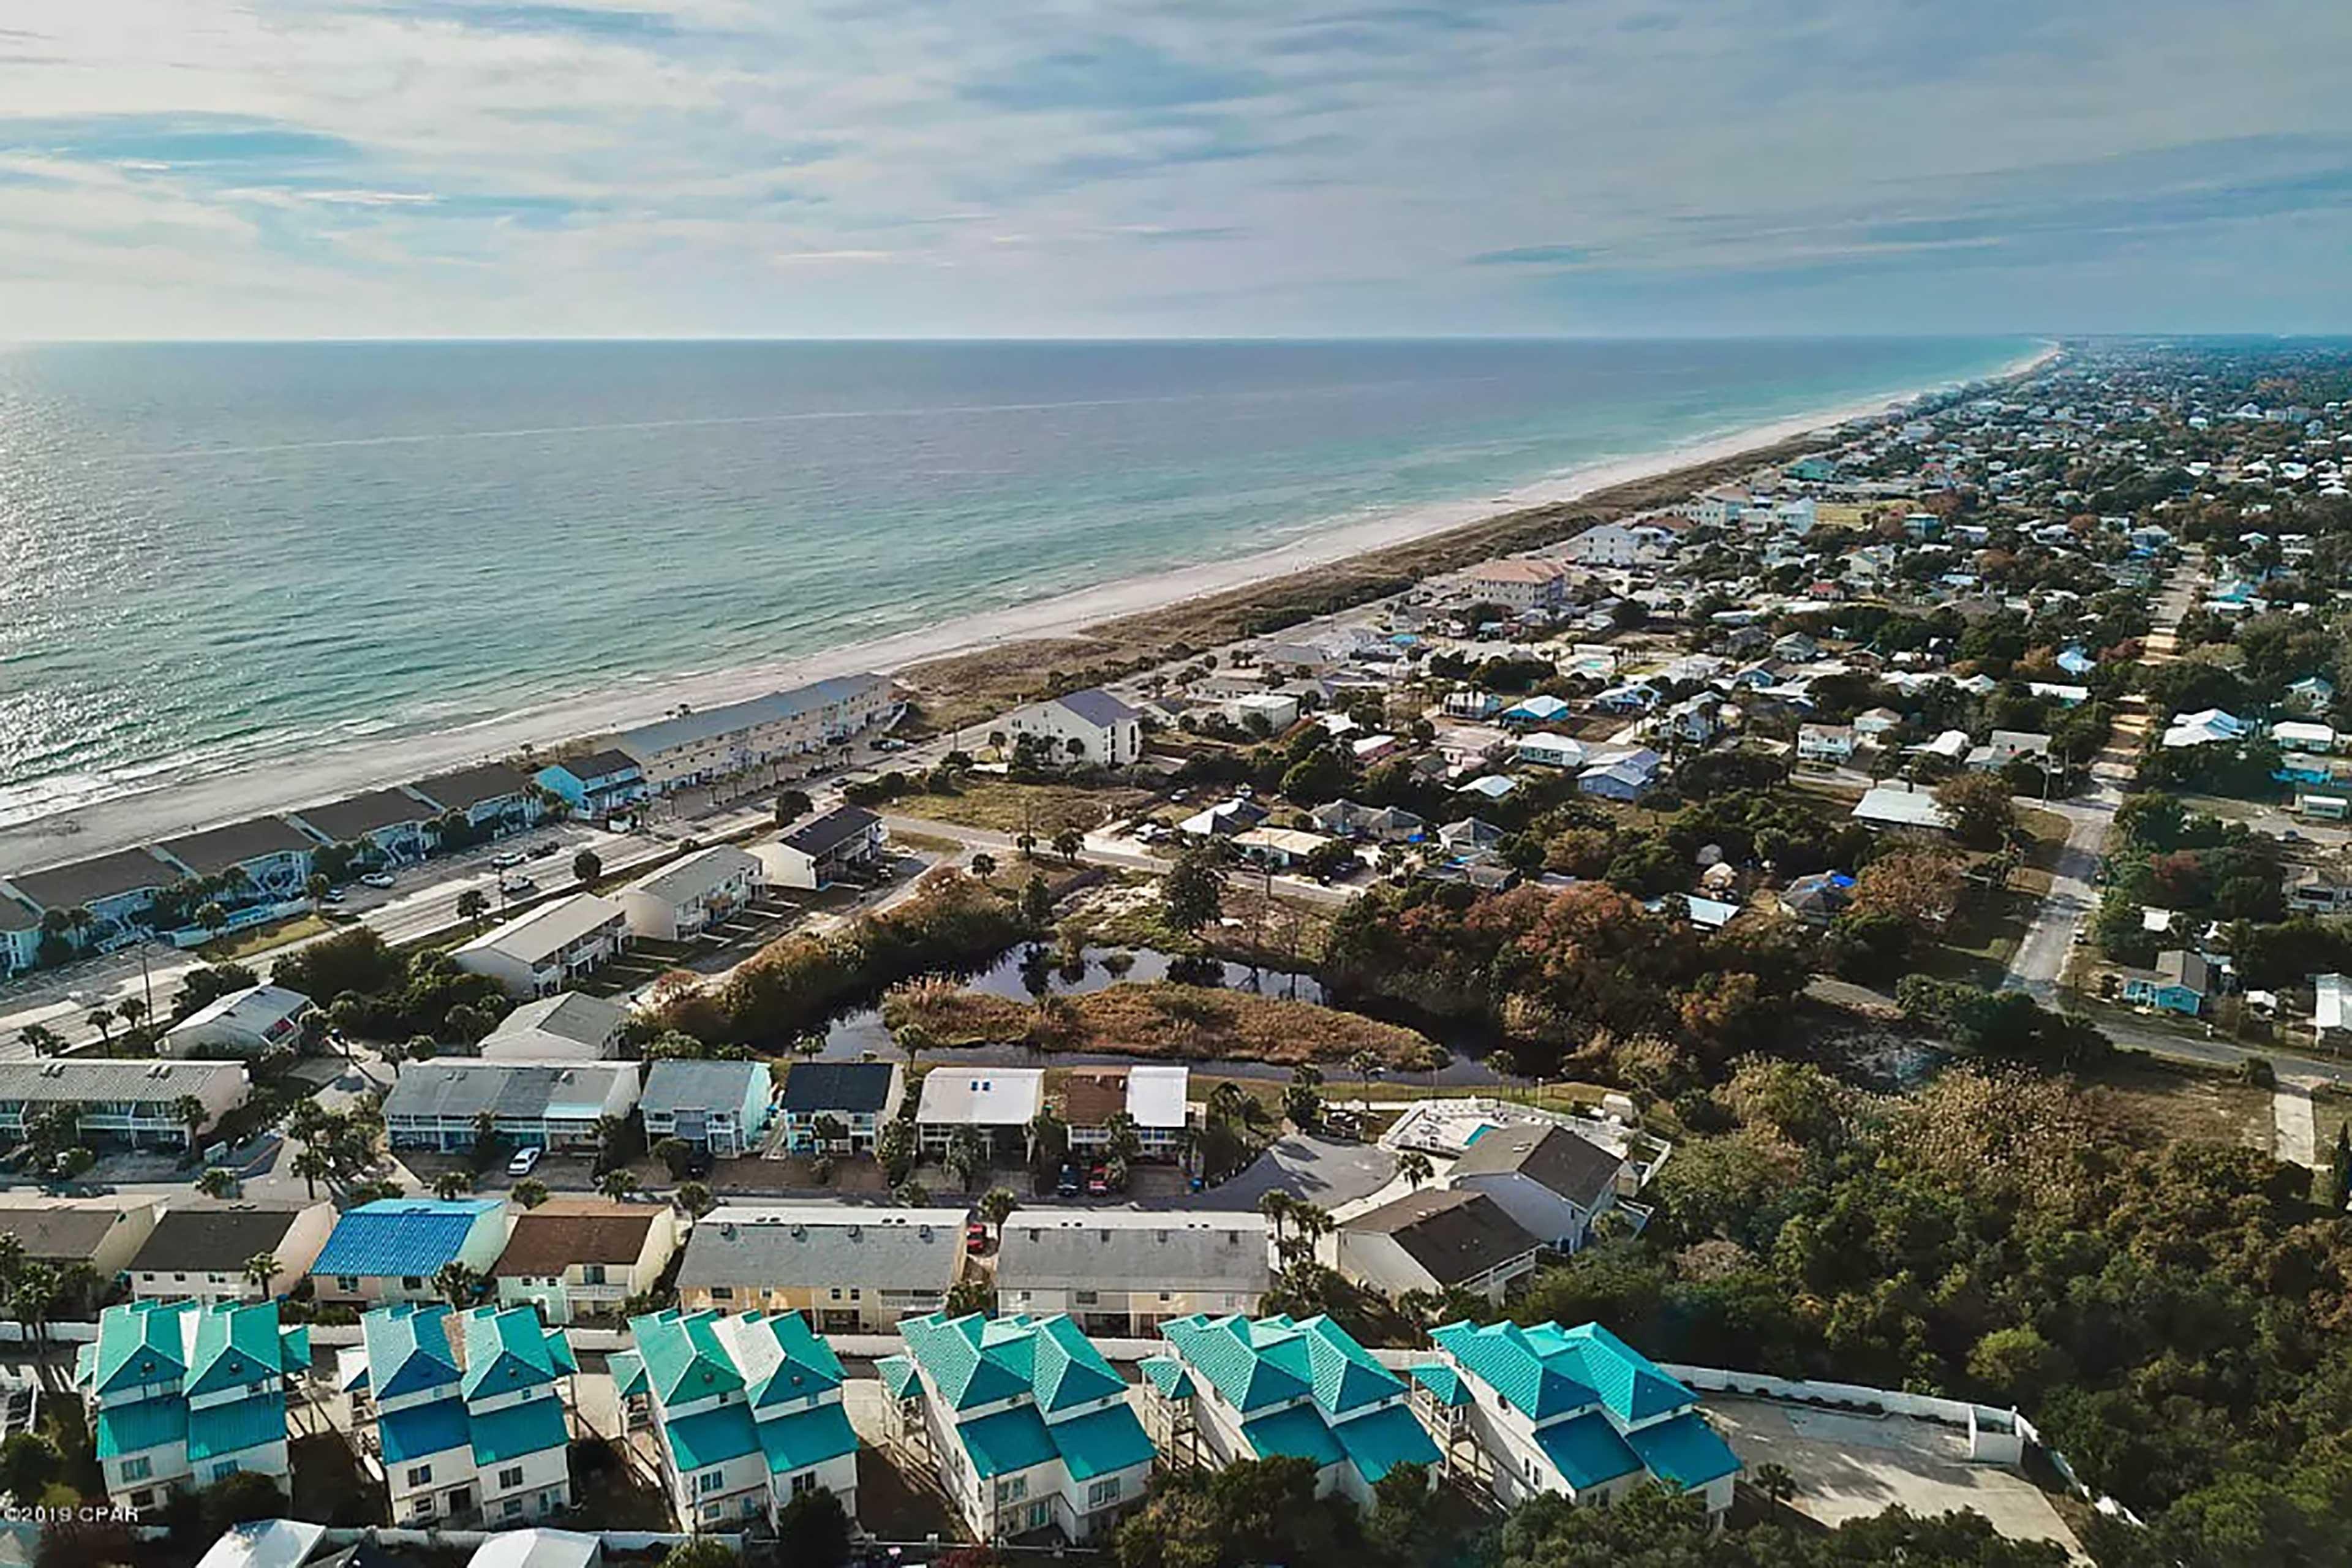 Unforgettable days of beach bliss await!